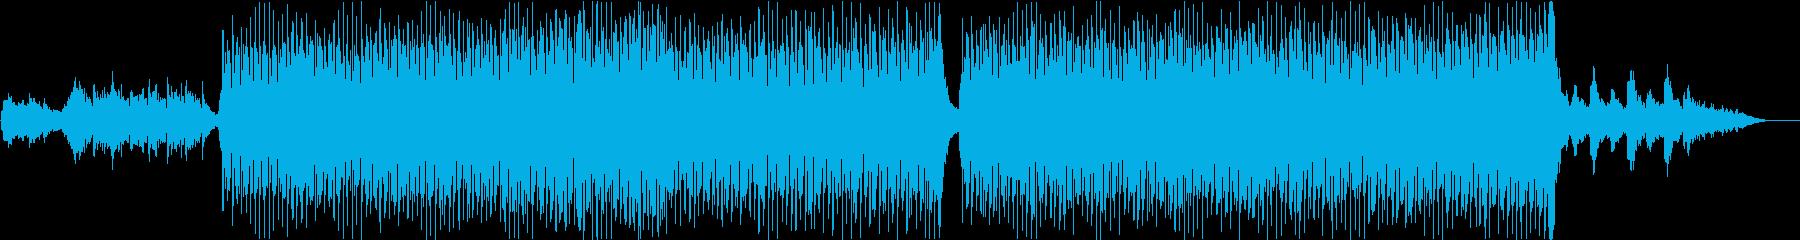 ドキュメンタリー系BGMの再生済みの波形